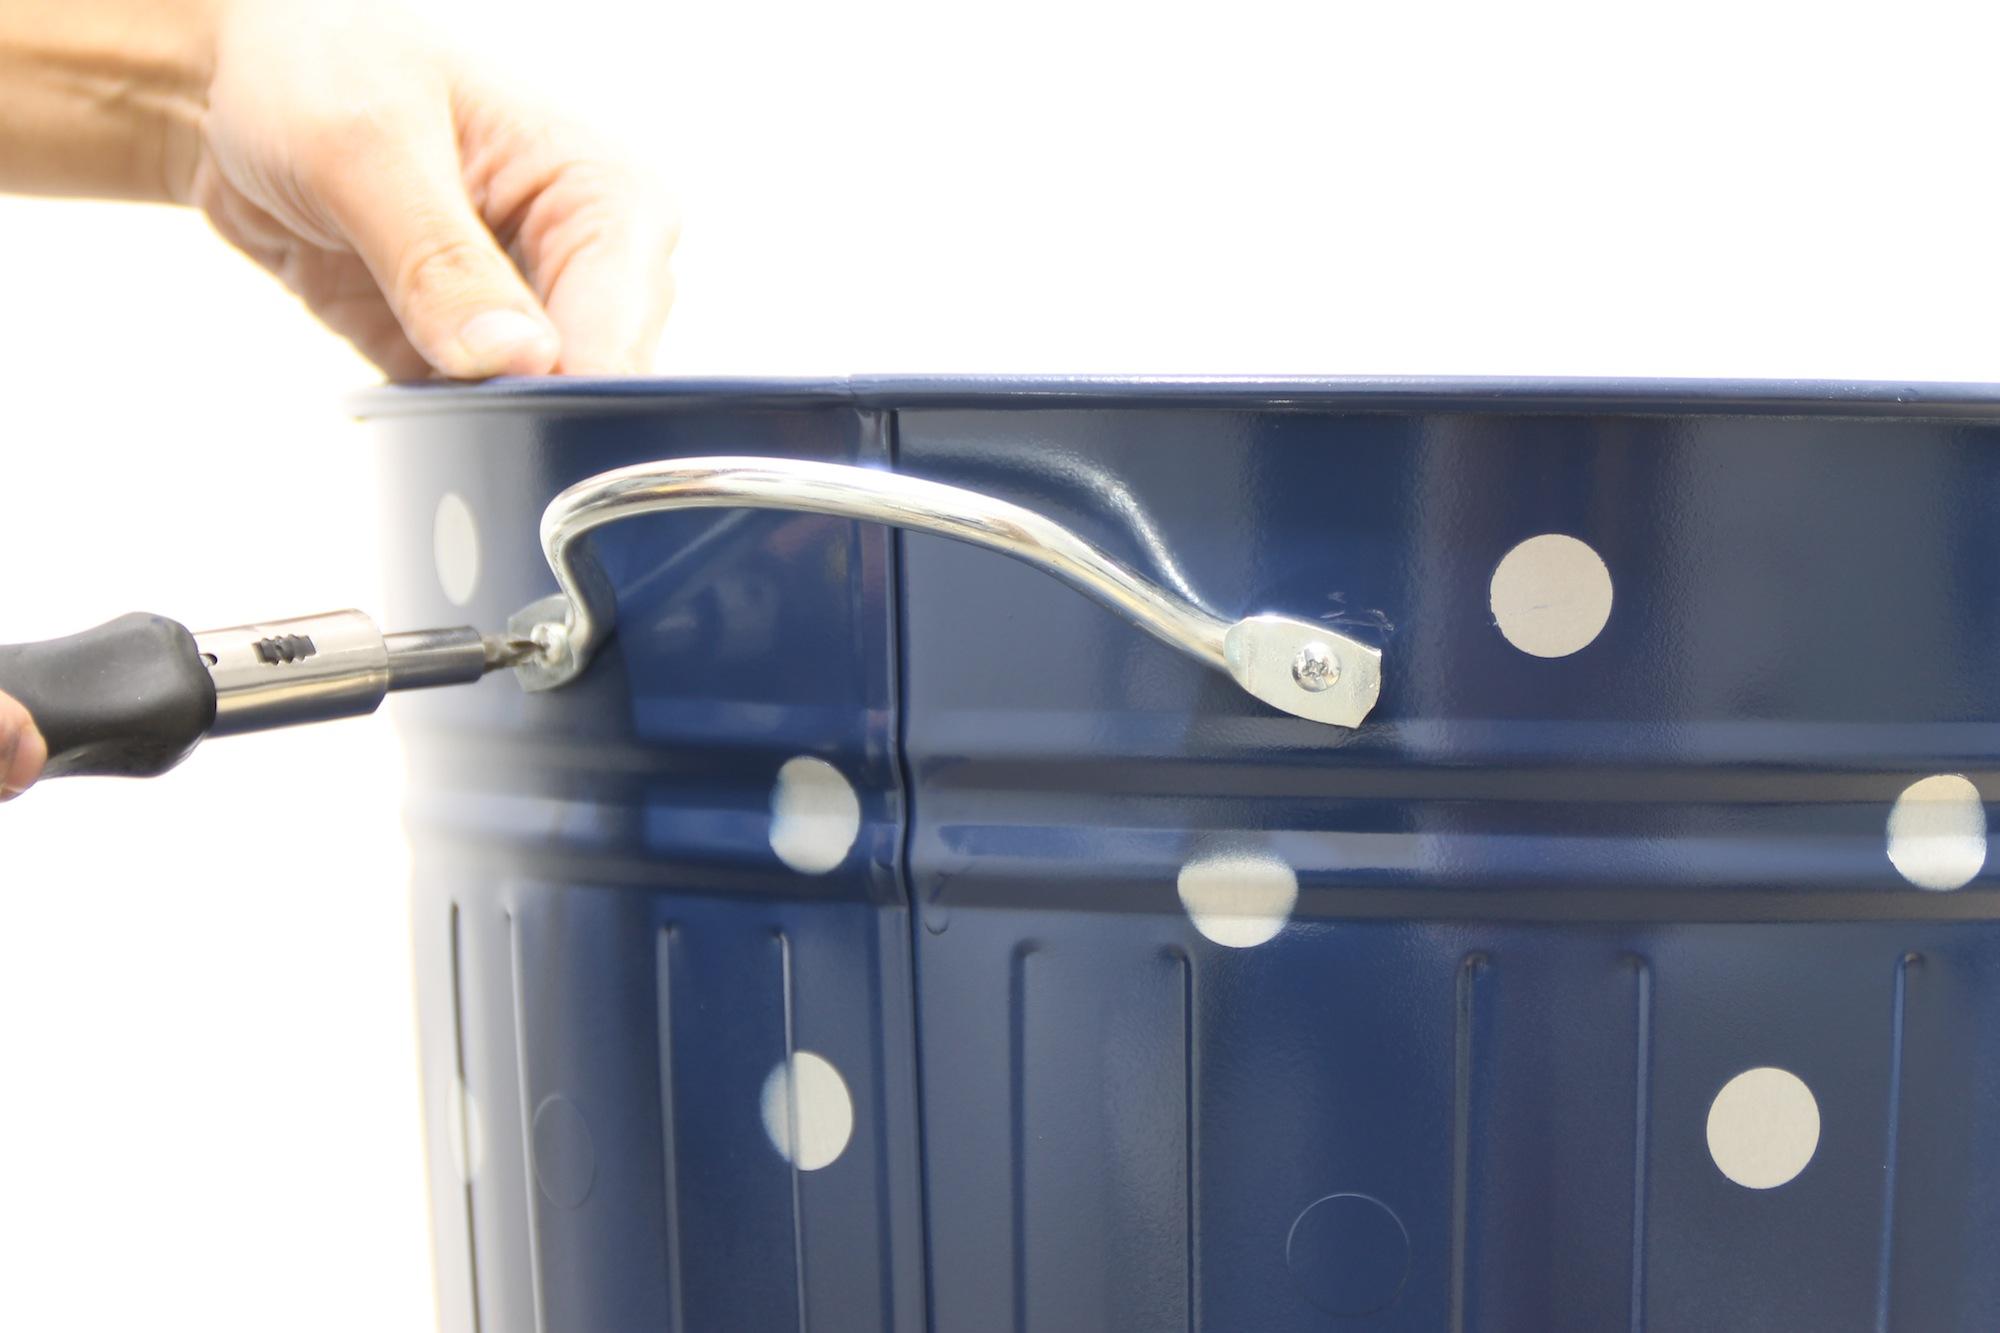 Hazlo t mismo una cesta para la ropa sucia personalizada - Hazlo tu mismo ...